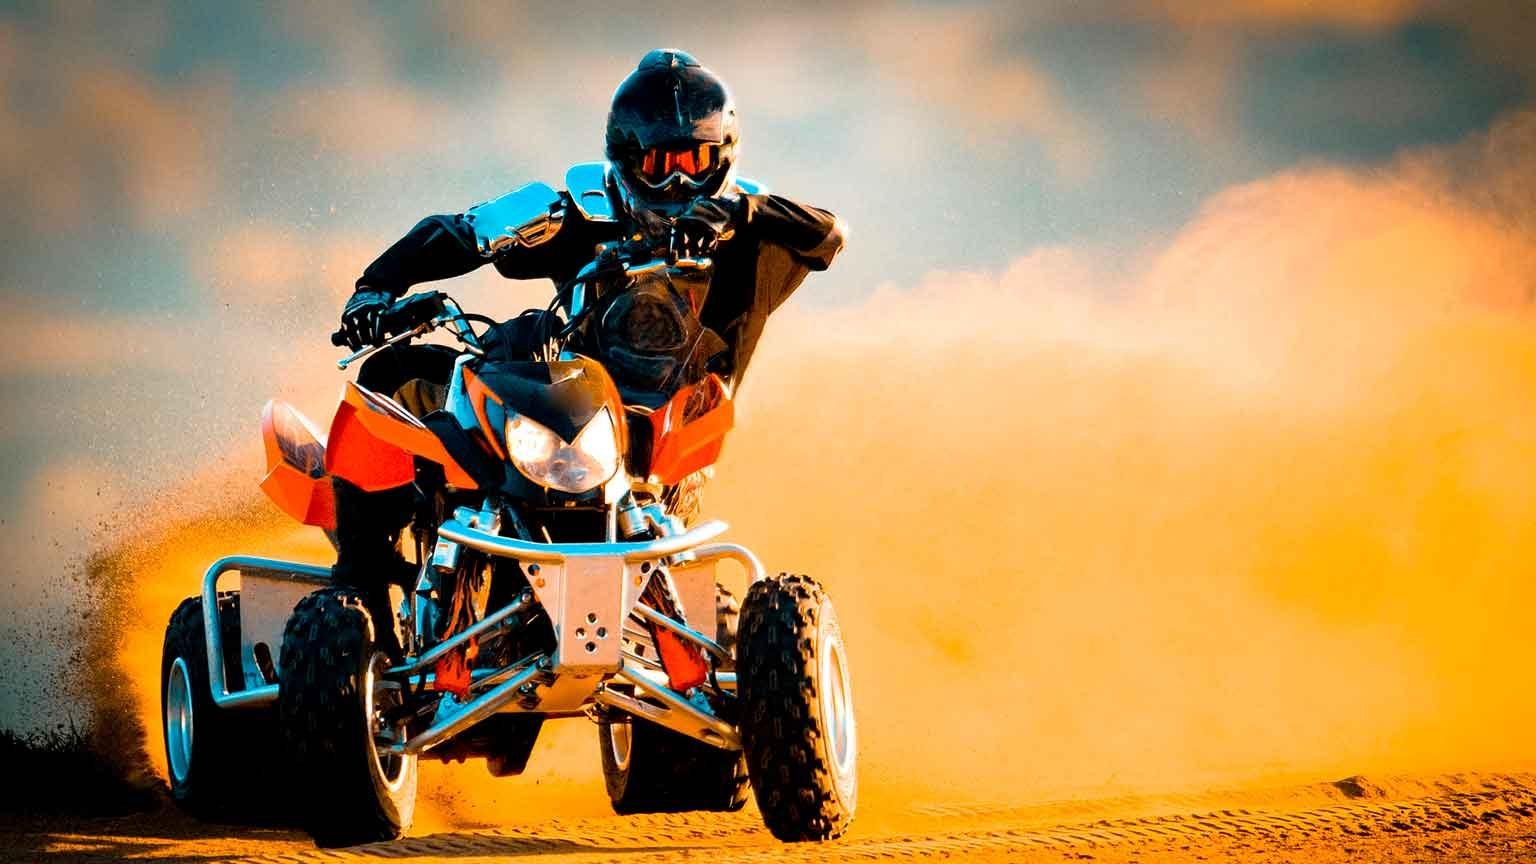 Quad biking in a desert